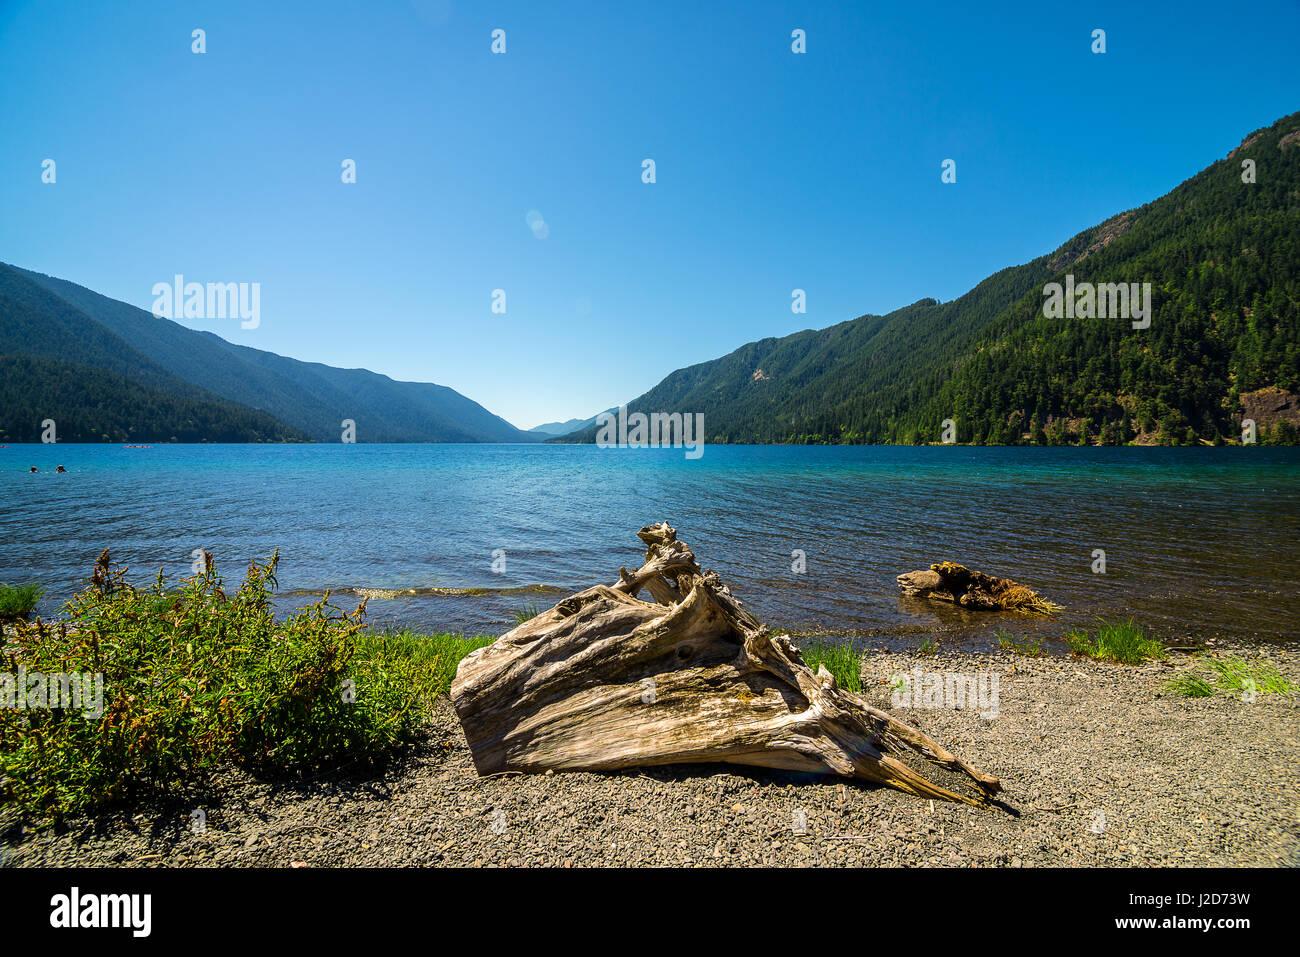 Washington State - Stock Image